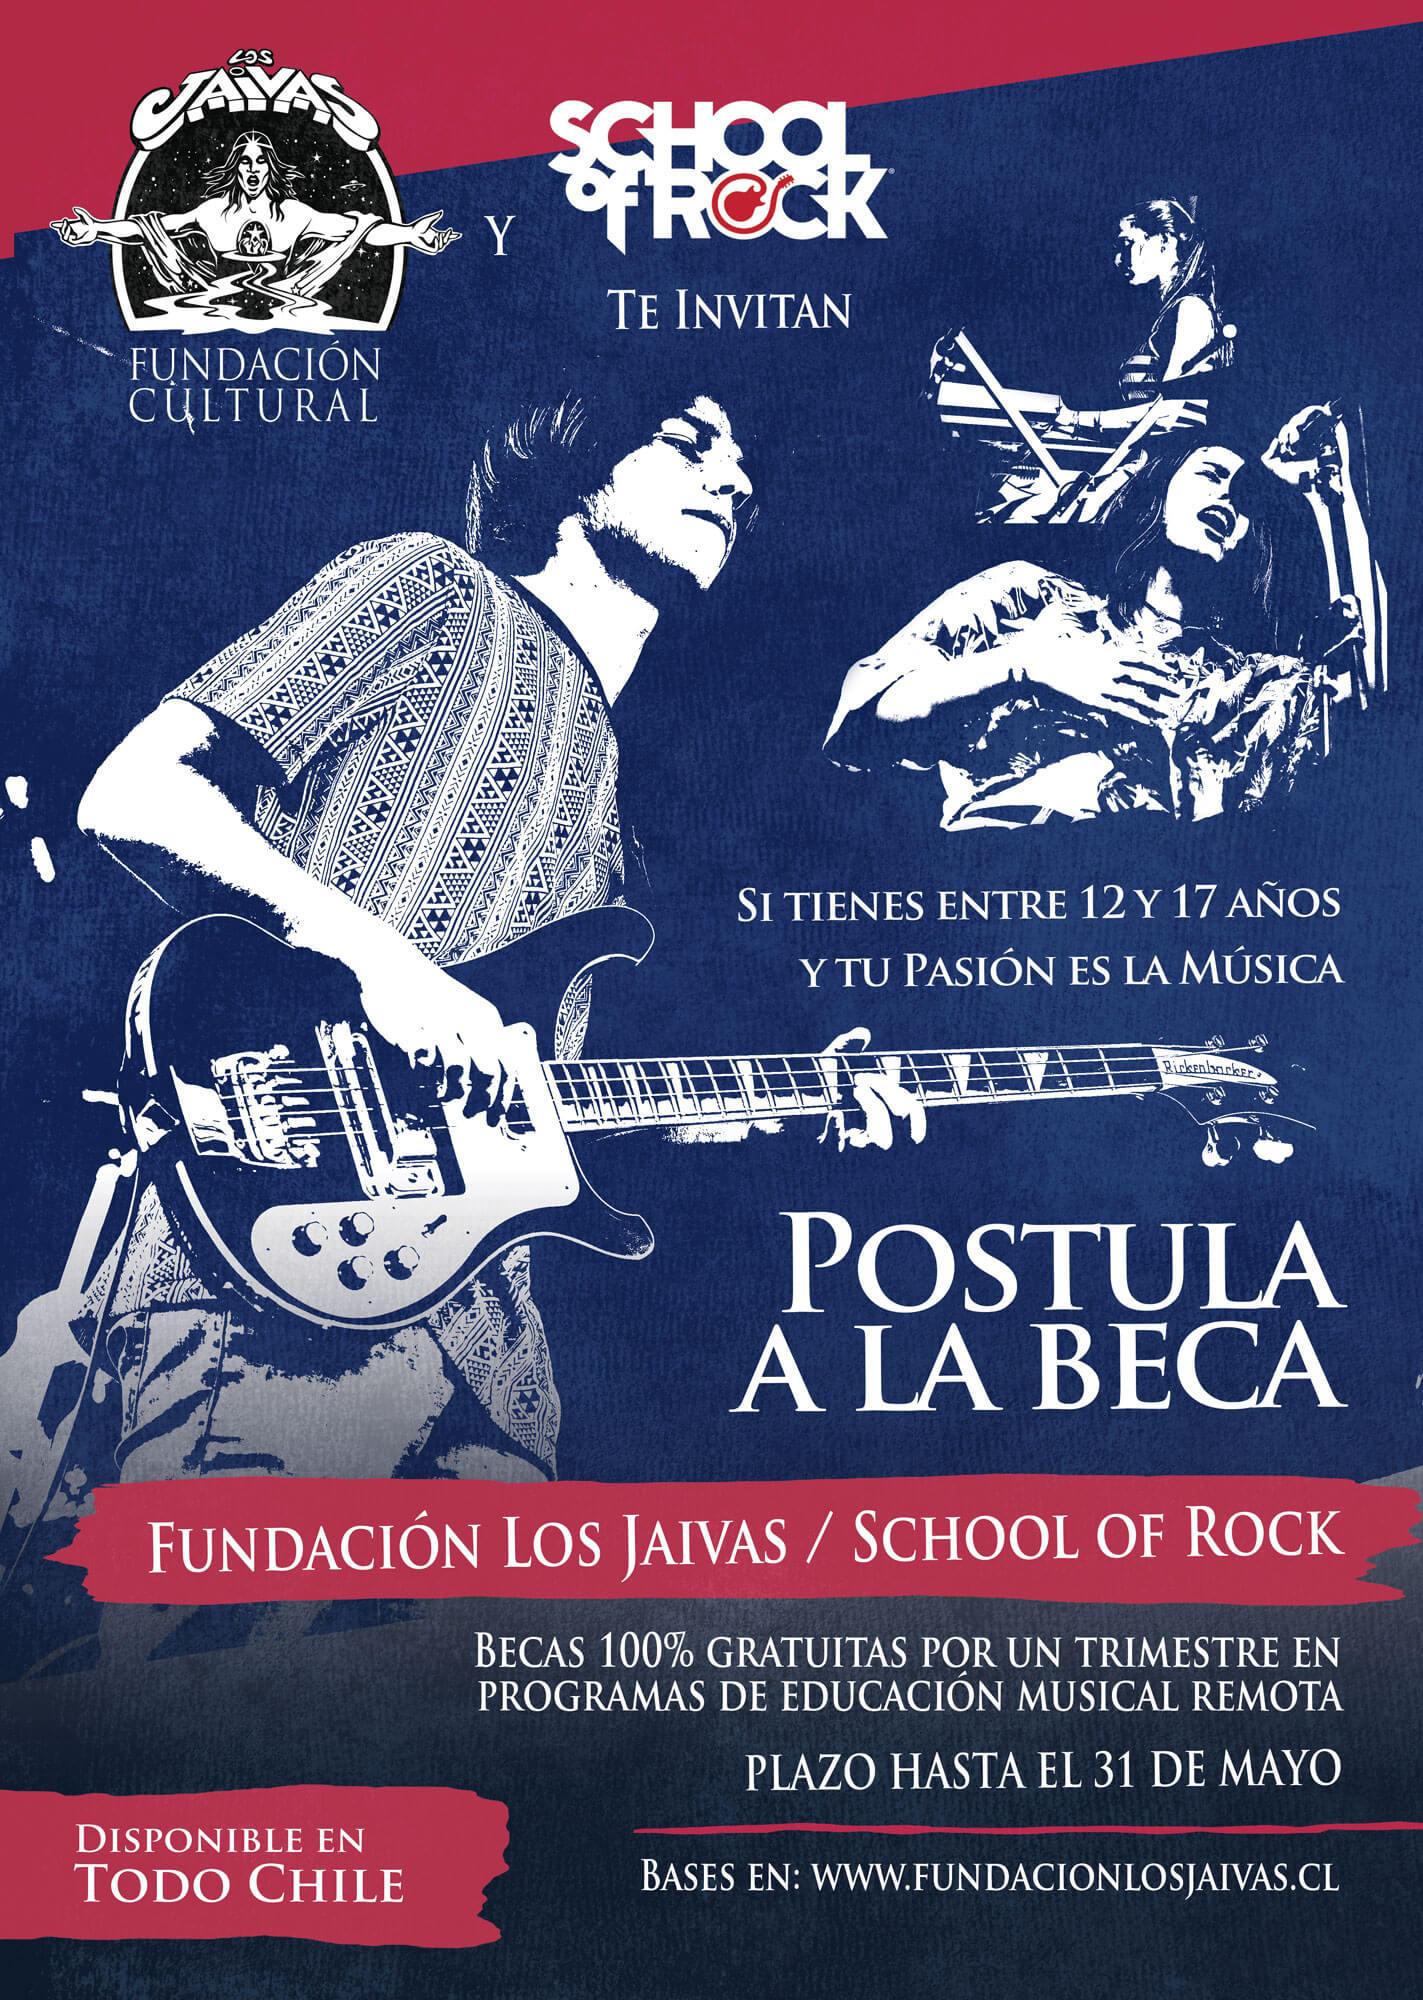 postula a la beca fundación los jaivas - school of rock